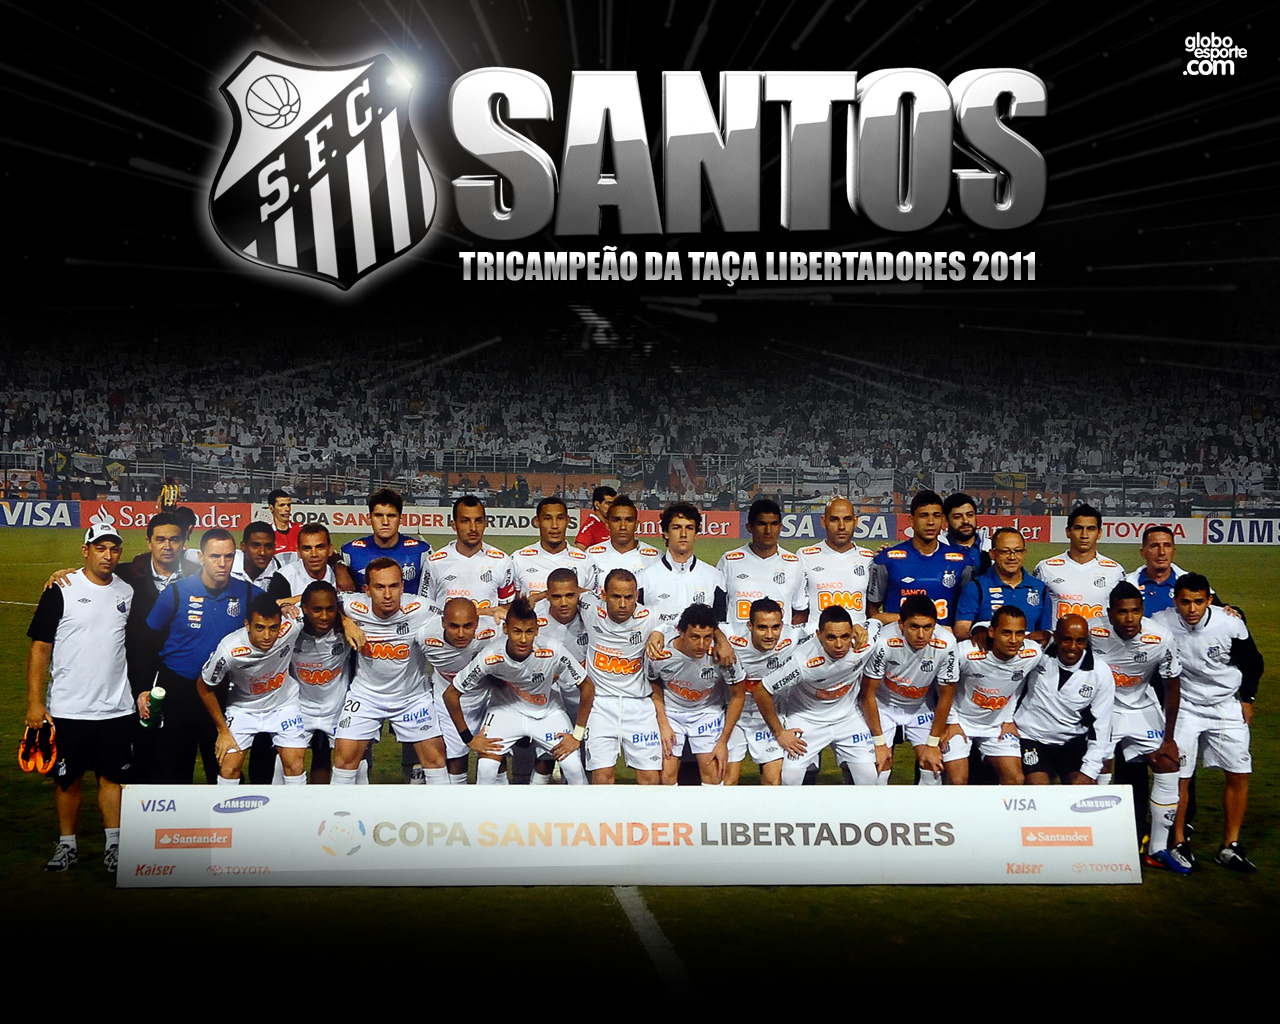 http://2.bp.blogspot.com/-6DvU0WEfY28/TgMj6pP_RbI/AAAAAAAACAc/RvsSQNQaiuk/s1600/wallpapers_Santos_3.jpg